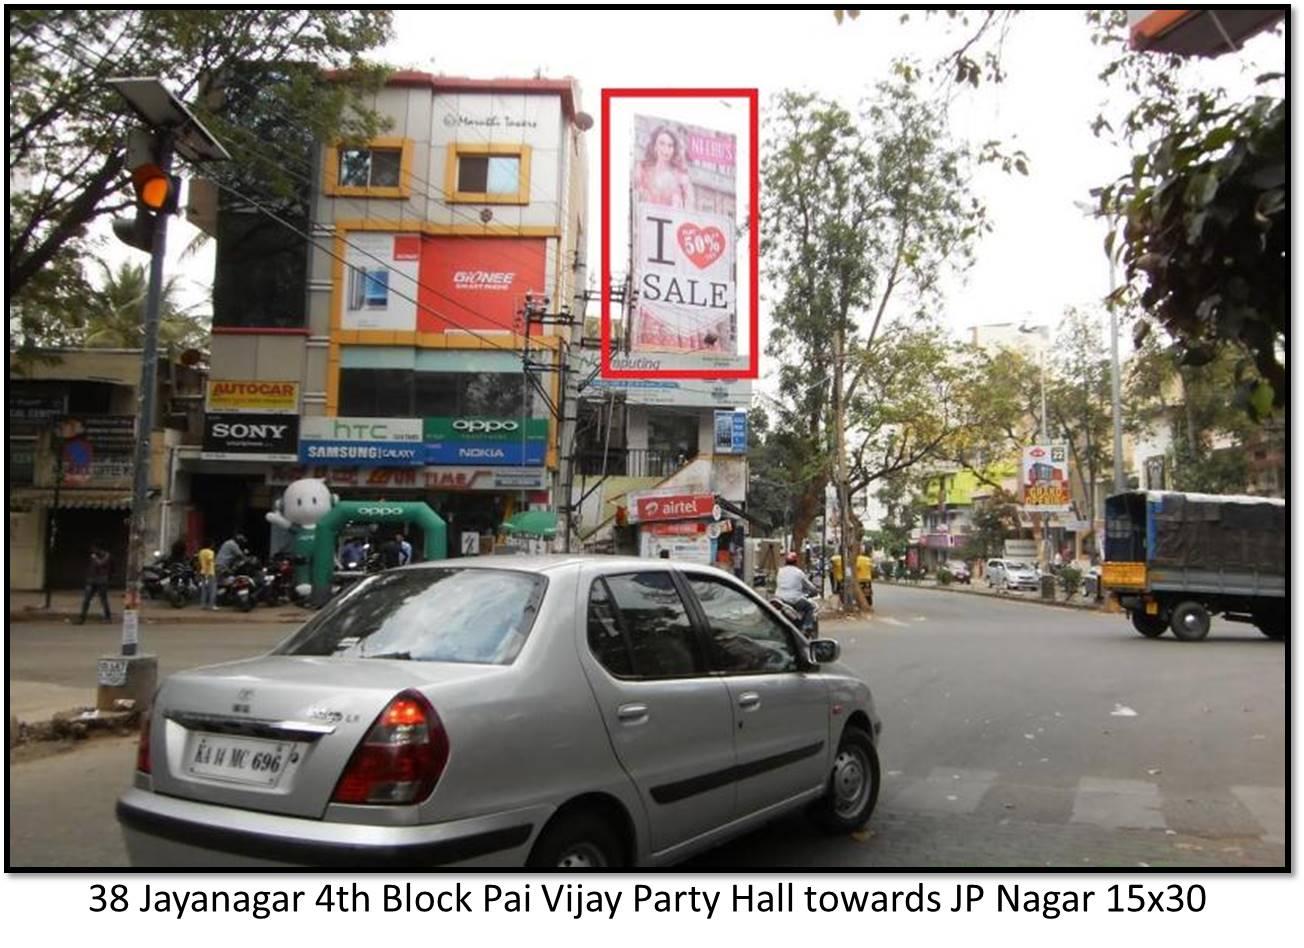 Jayanagar 4th Block Pai Vijay Party Hall, Bengaluru